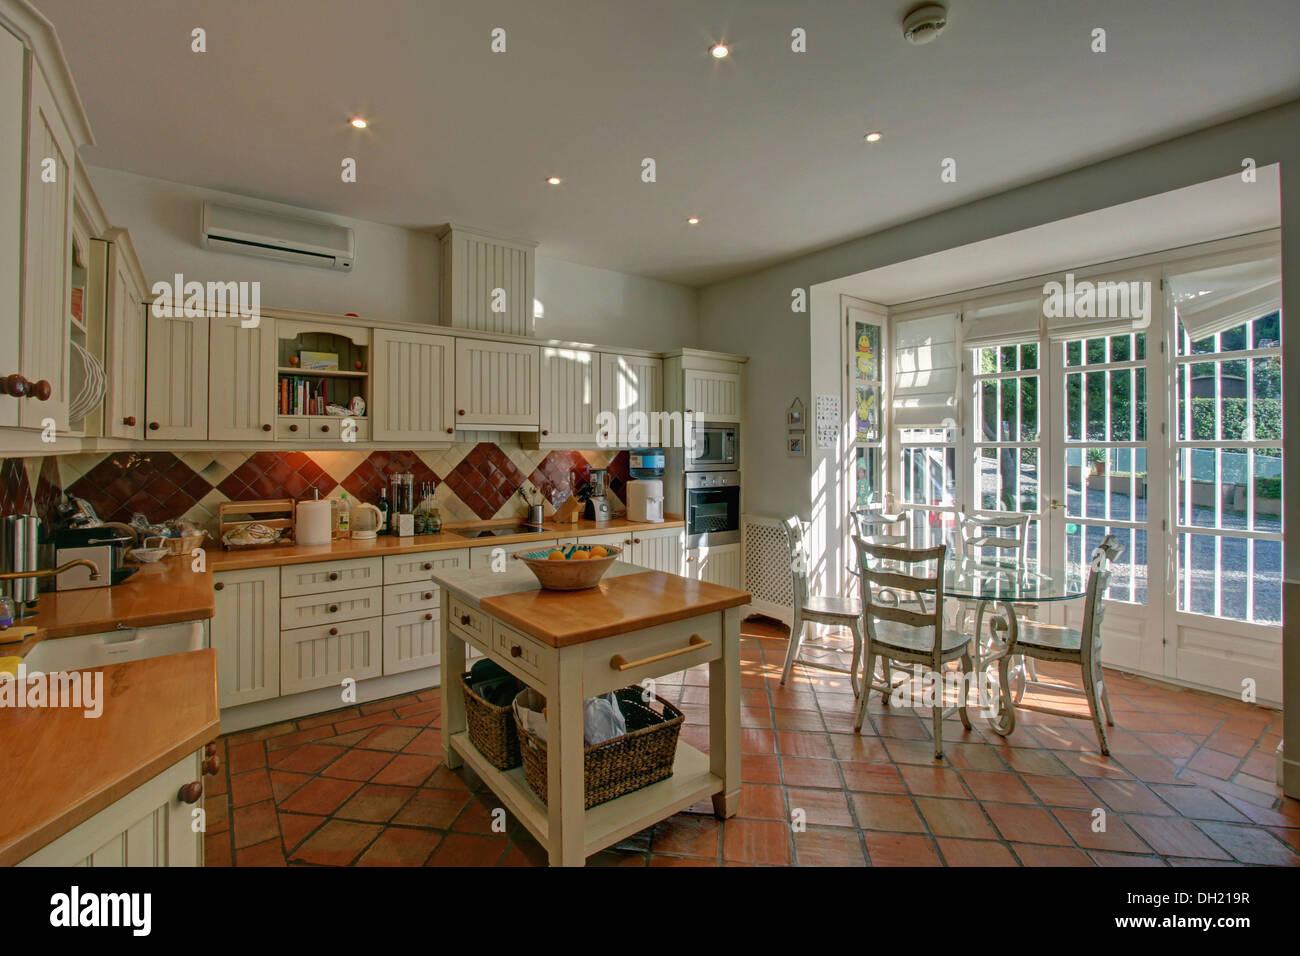 Metzgerei Block Im Landhausstil Spanische Küche Mit Terrakotta Geflieste  Boden Und Glas Esstisch Mit Weißen Stühlen